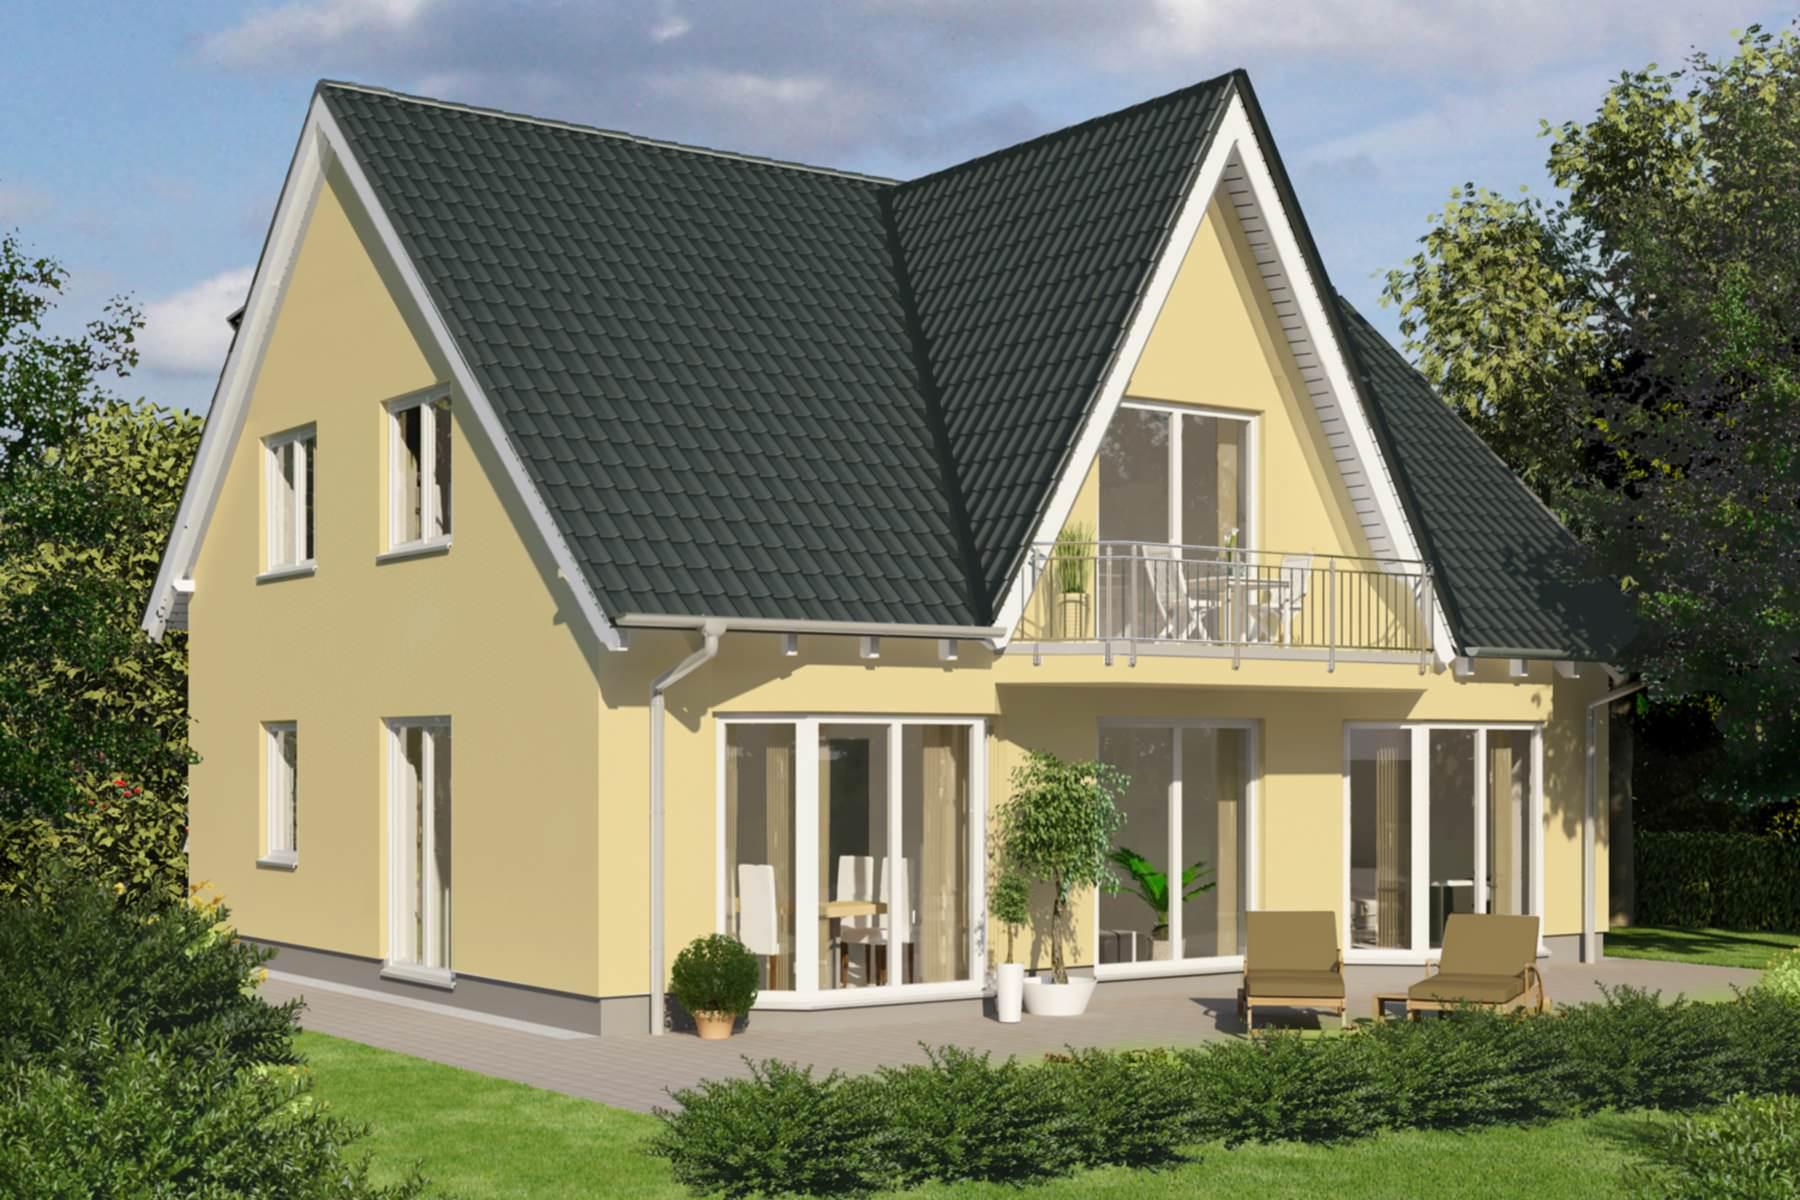 Bild einfamilienhaus mannheim efh massivhaus hausbau haus bauen